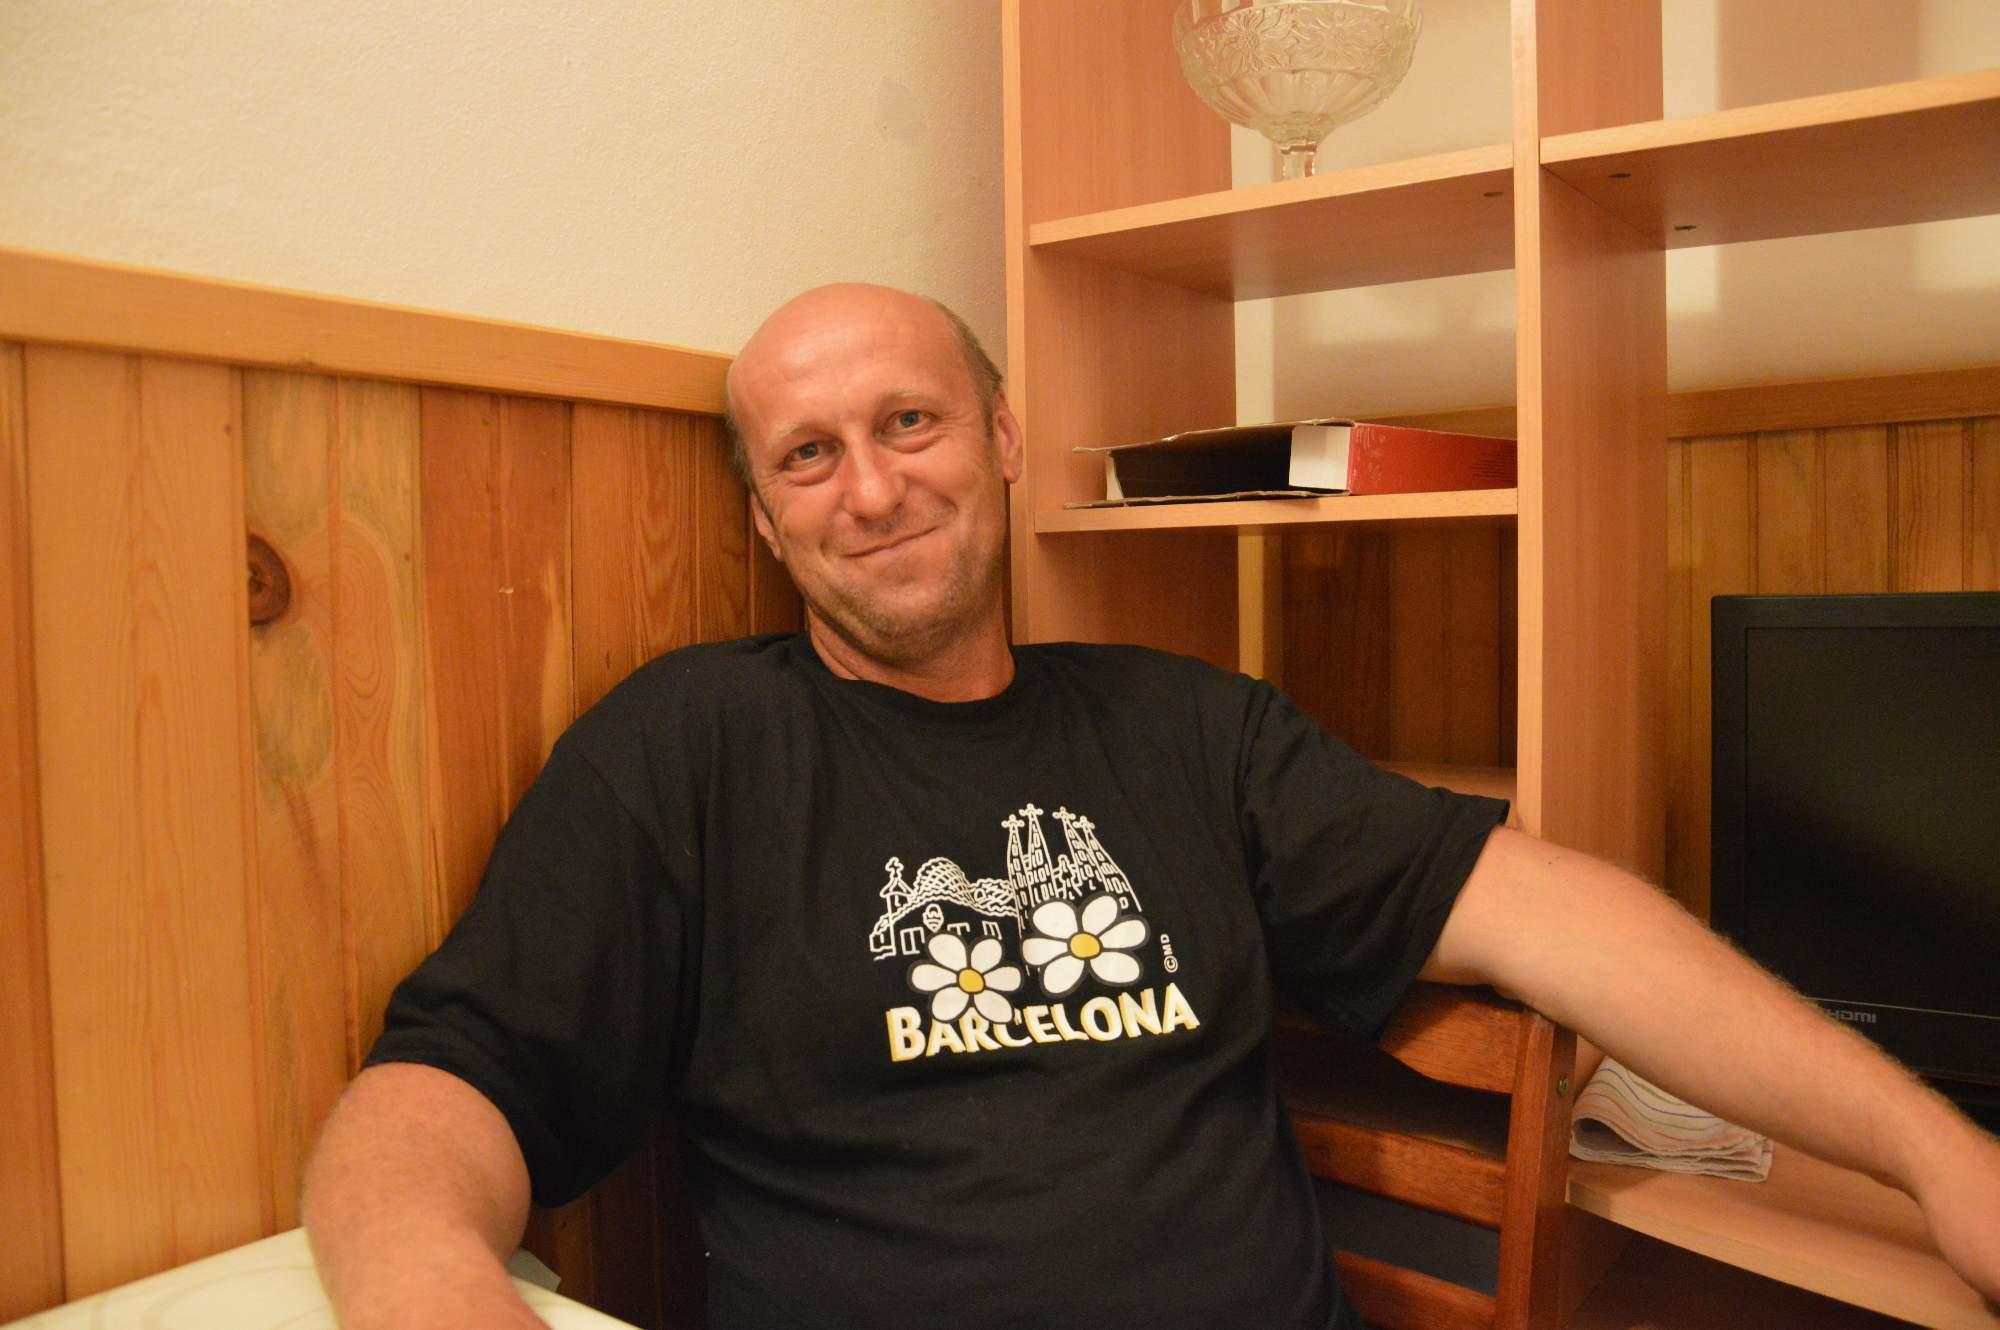 http://img19.rajce.idnes.cz/d1902/11/11369/11369498_ba1b1cc51aa2b100ecd01c05fe1b9075/images/DSC_0817.jpg